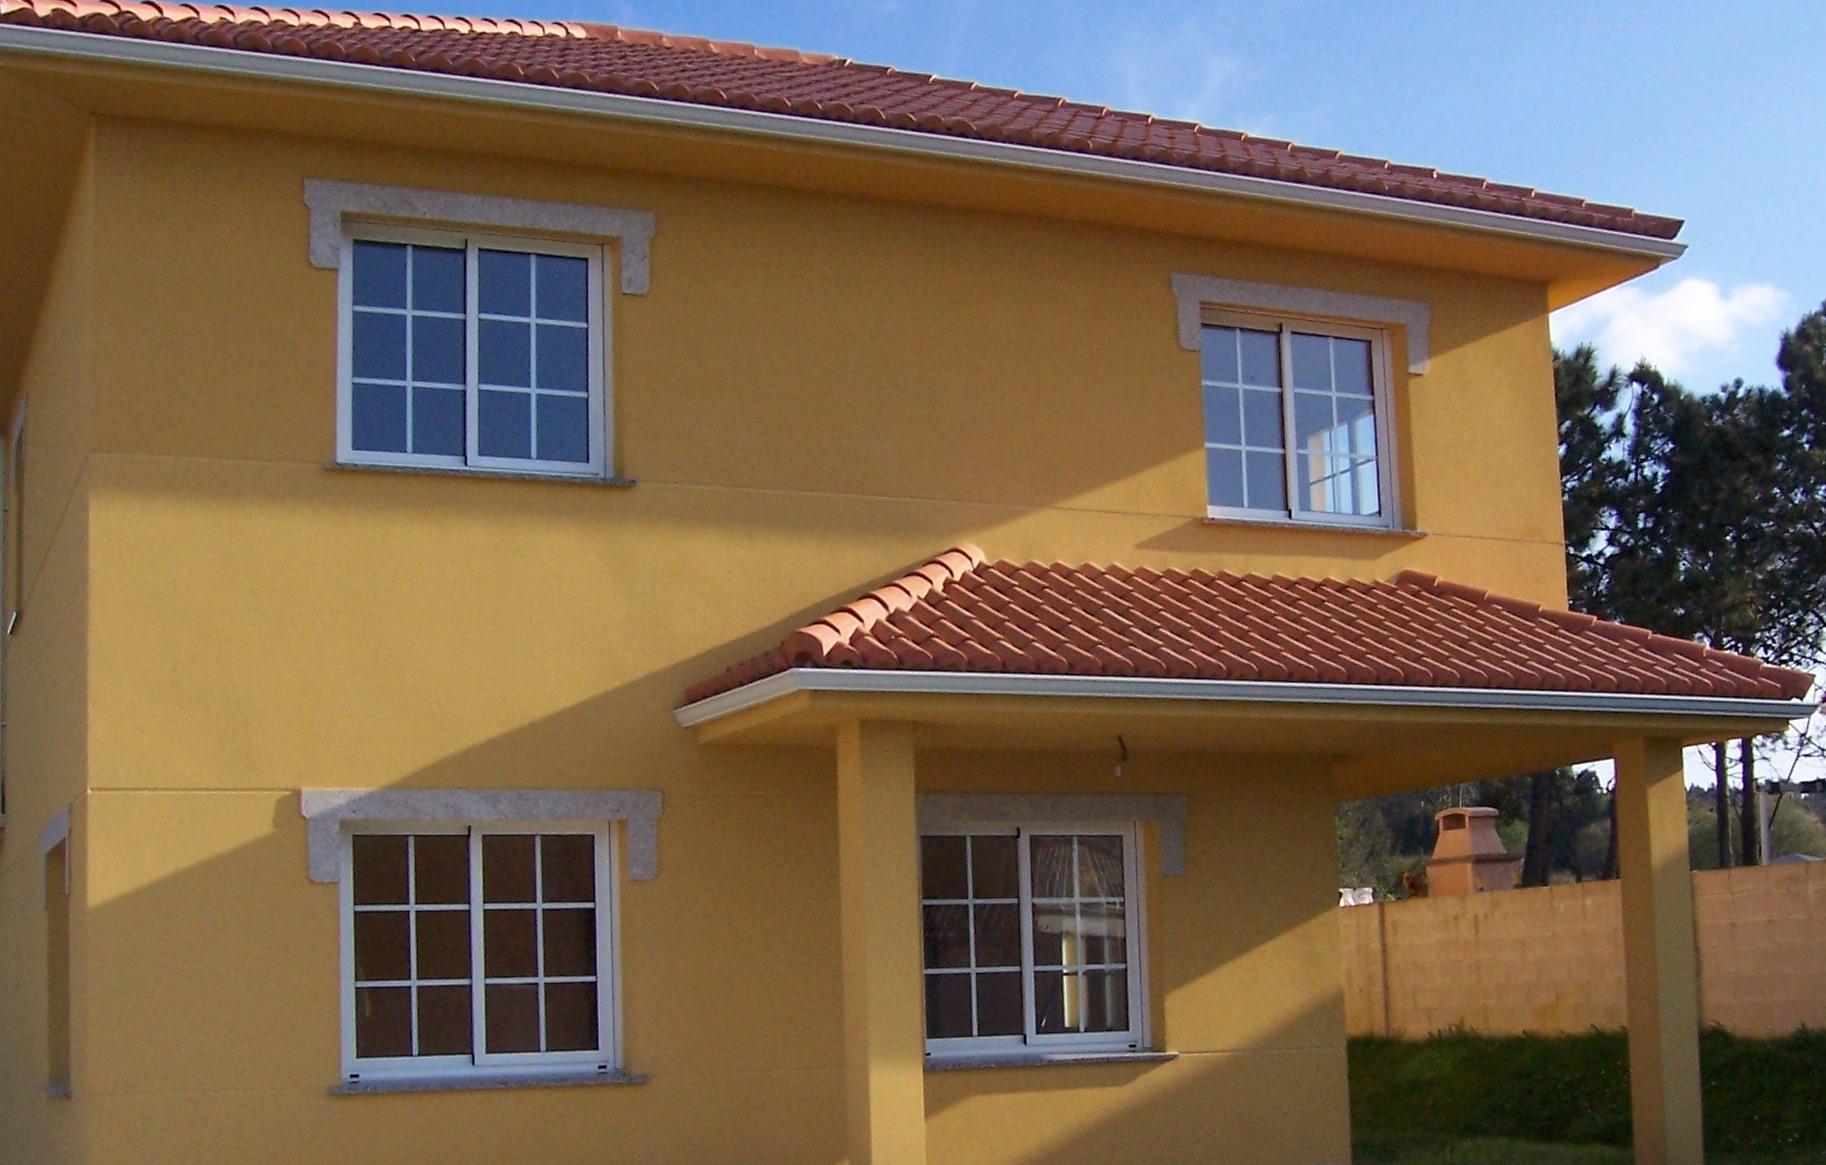 Um bom estado de conservação da pintura das fachadas permite uma economia considerável nos custos de manutenção de edifícios.